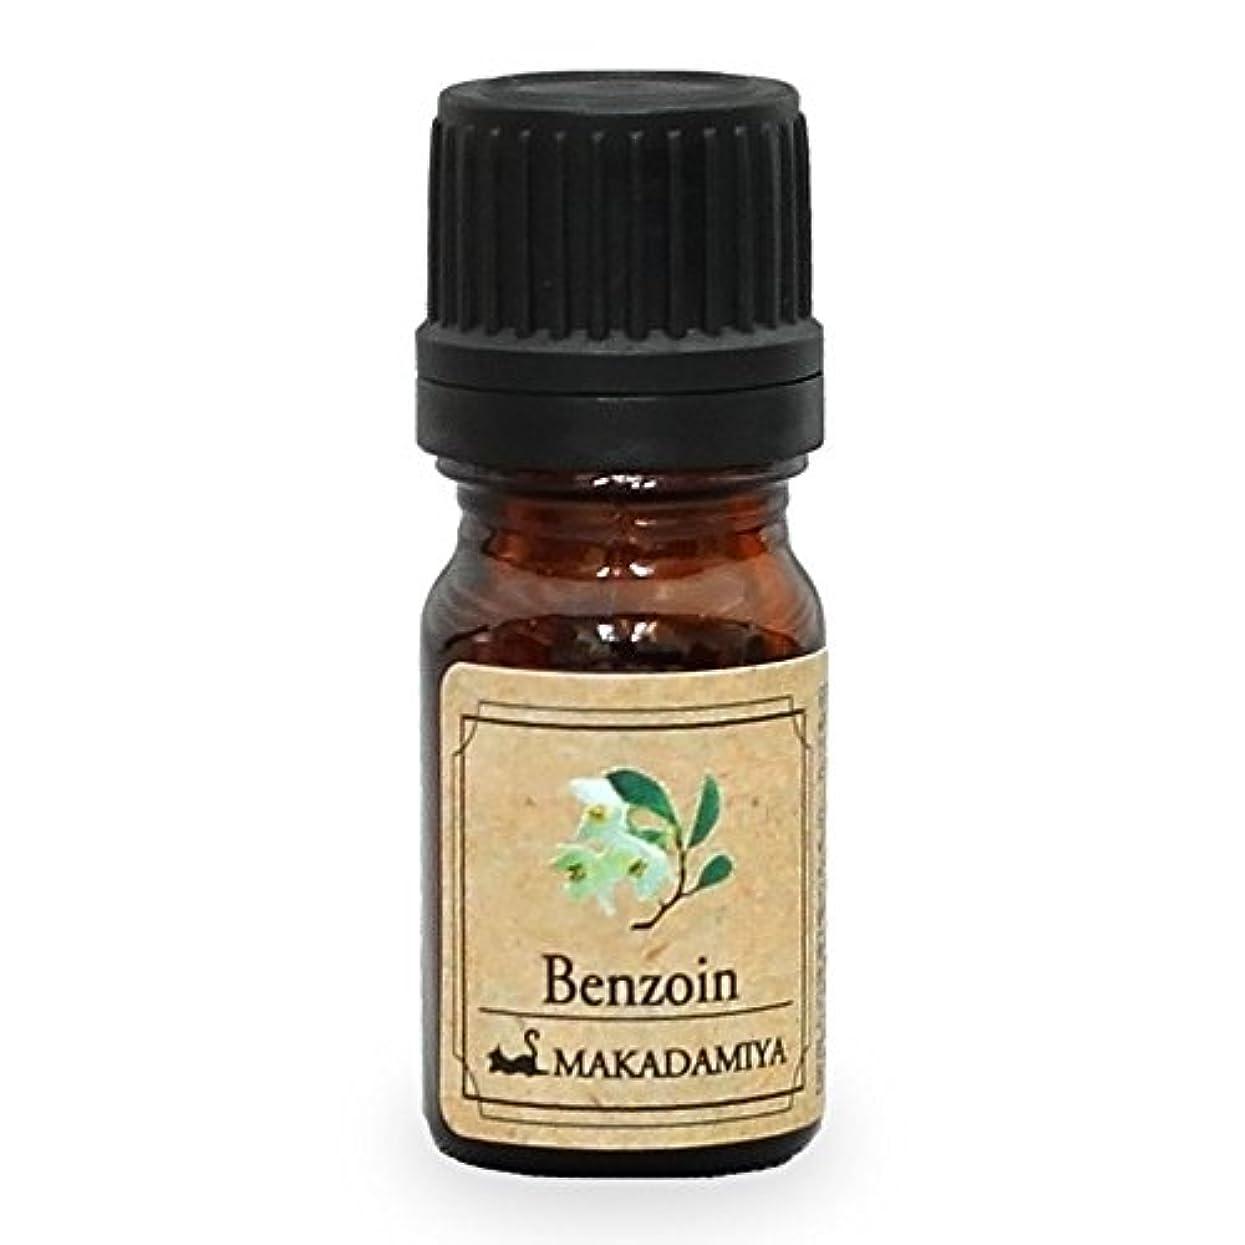 誇張する欠陥要件ベンゾイン5ml天然100%植物性エッセンシャルオイル(精油)アロマオイルアロママッサージアロマテラピーaroma Benzoin